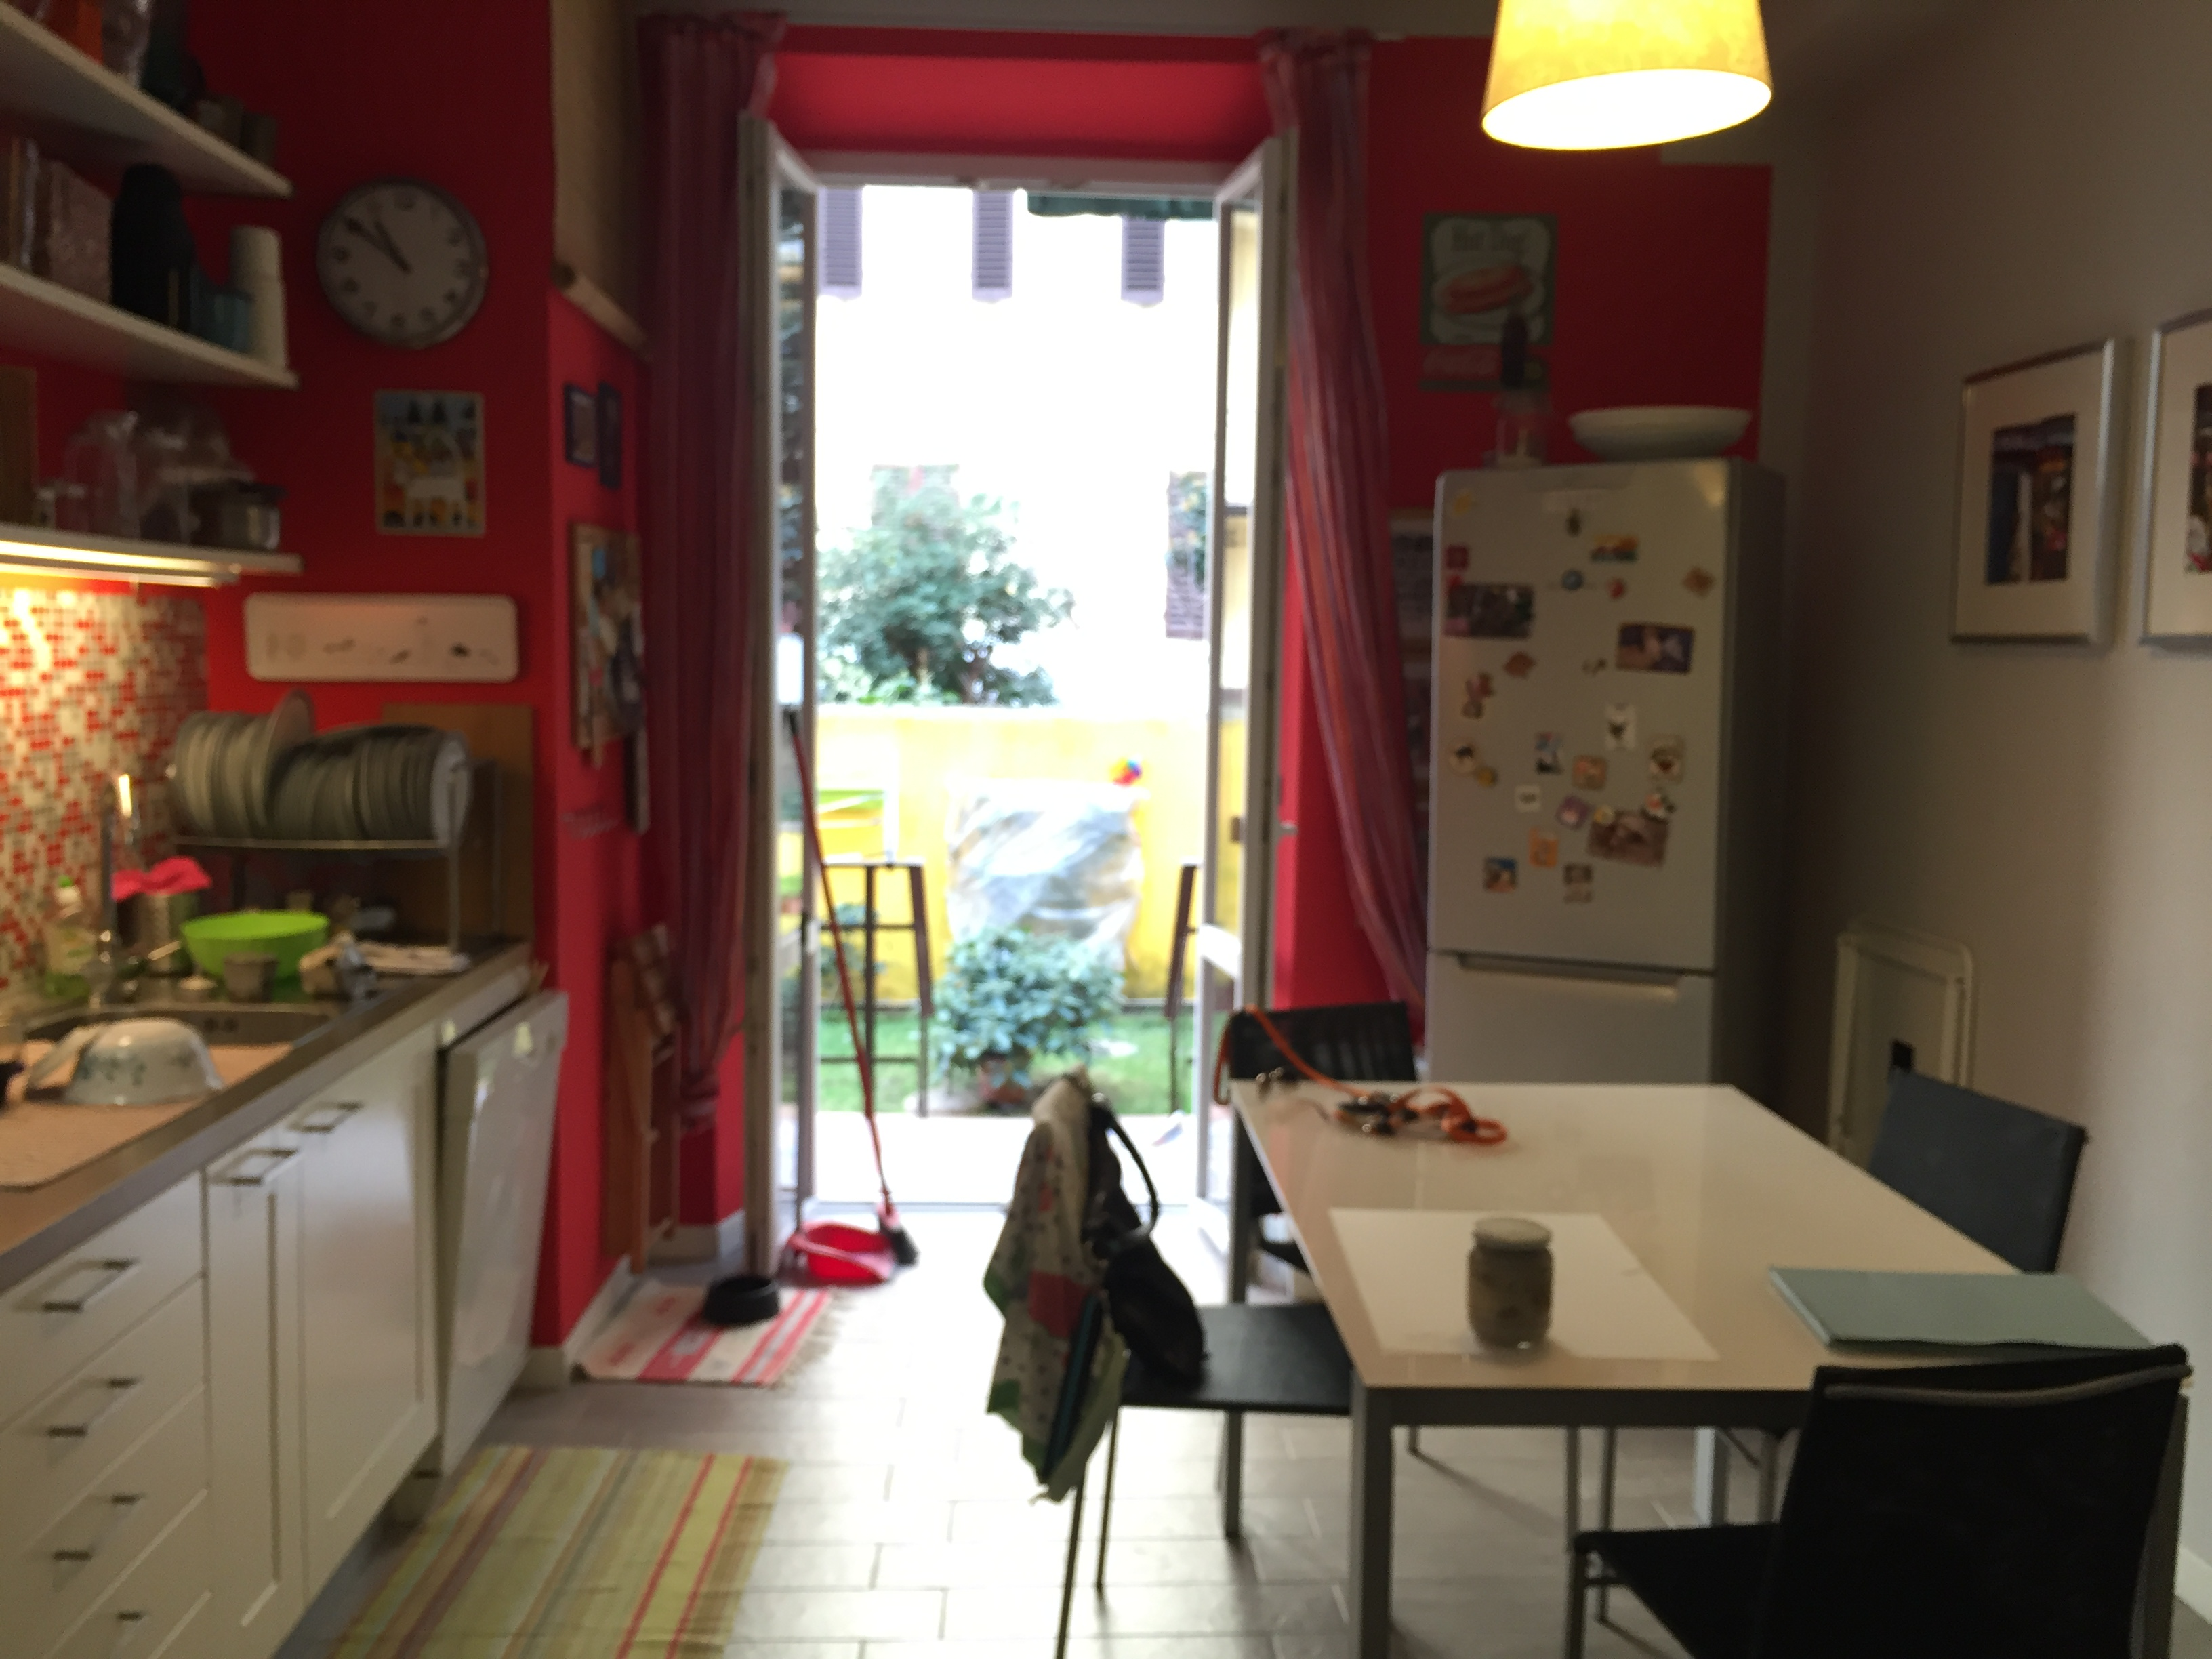 vendita appartamento firenze statuto Via Celestino Bianchi 4 230000 euro  3 locali  60 mq